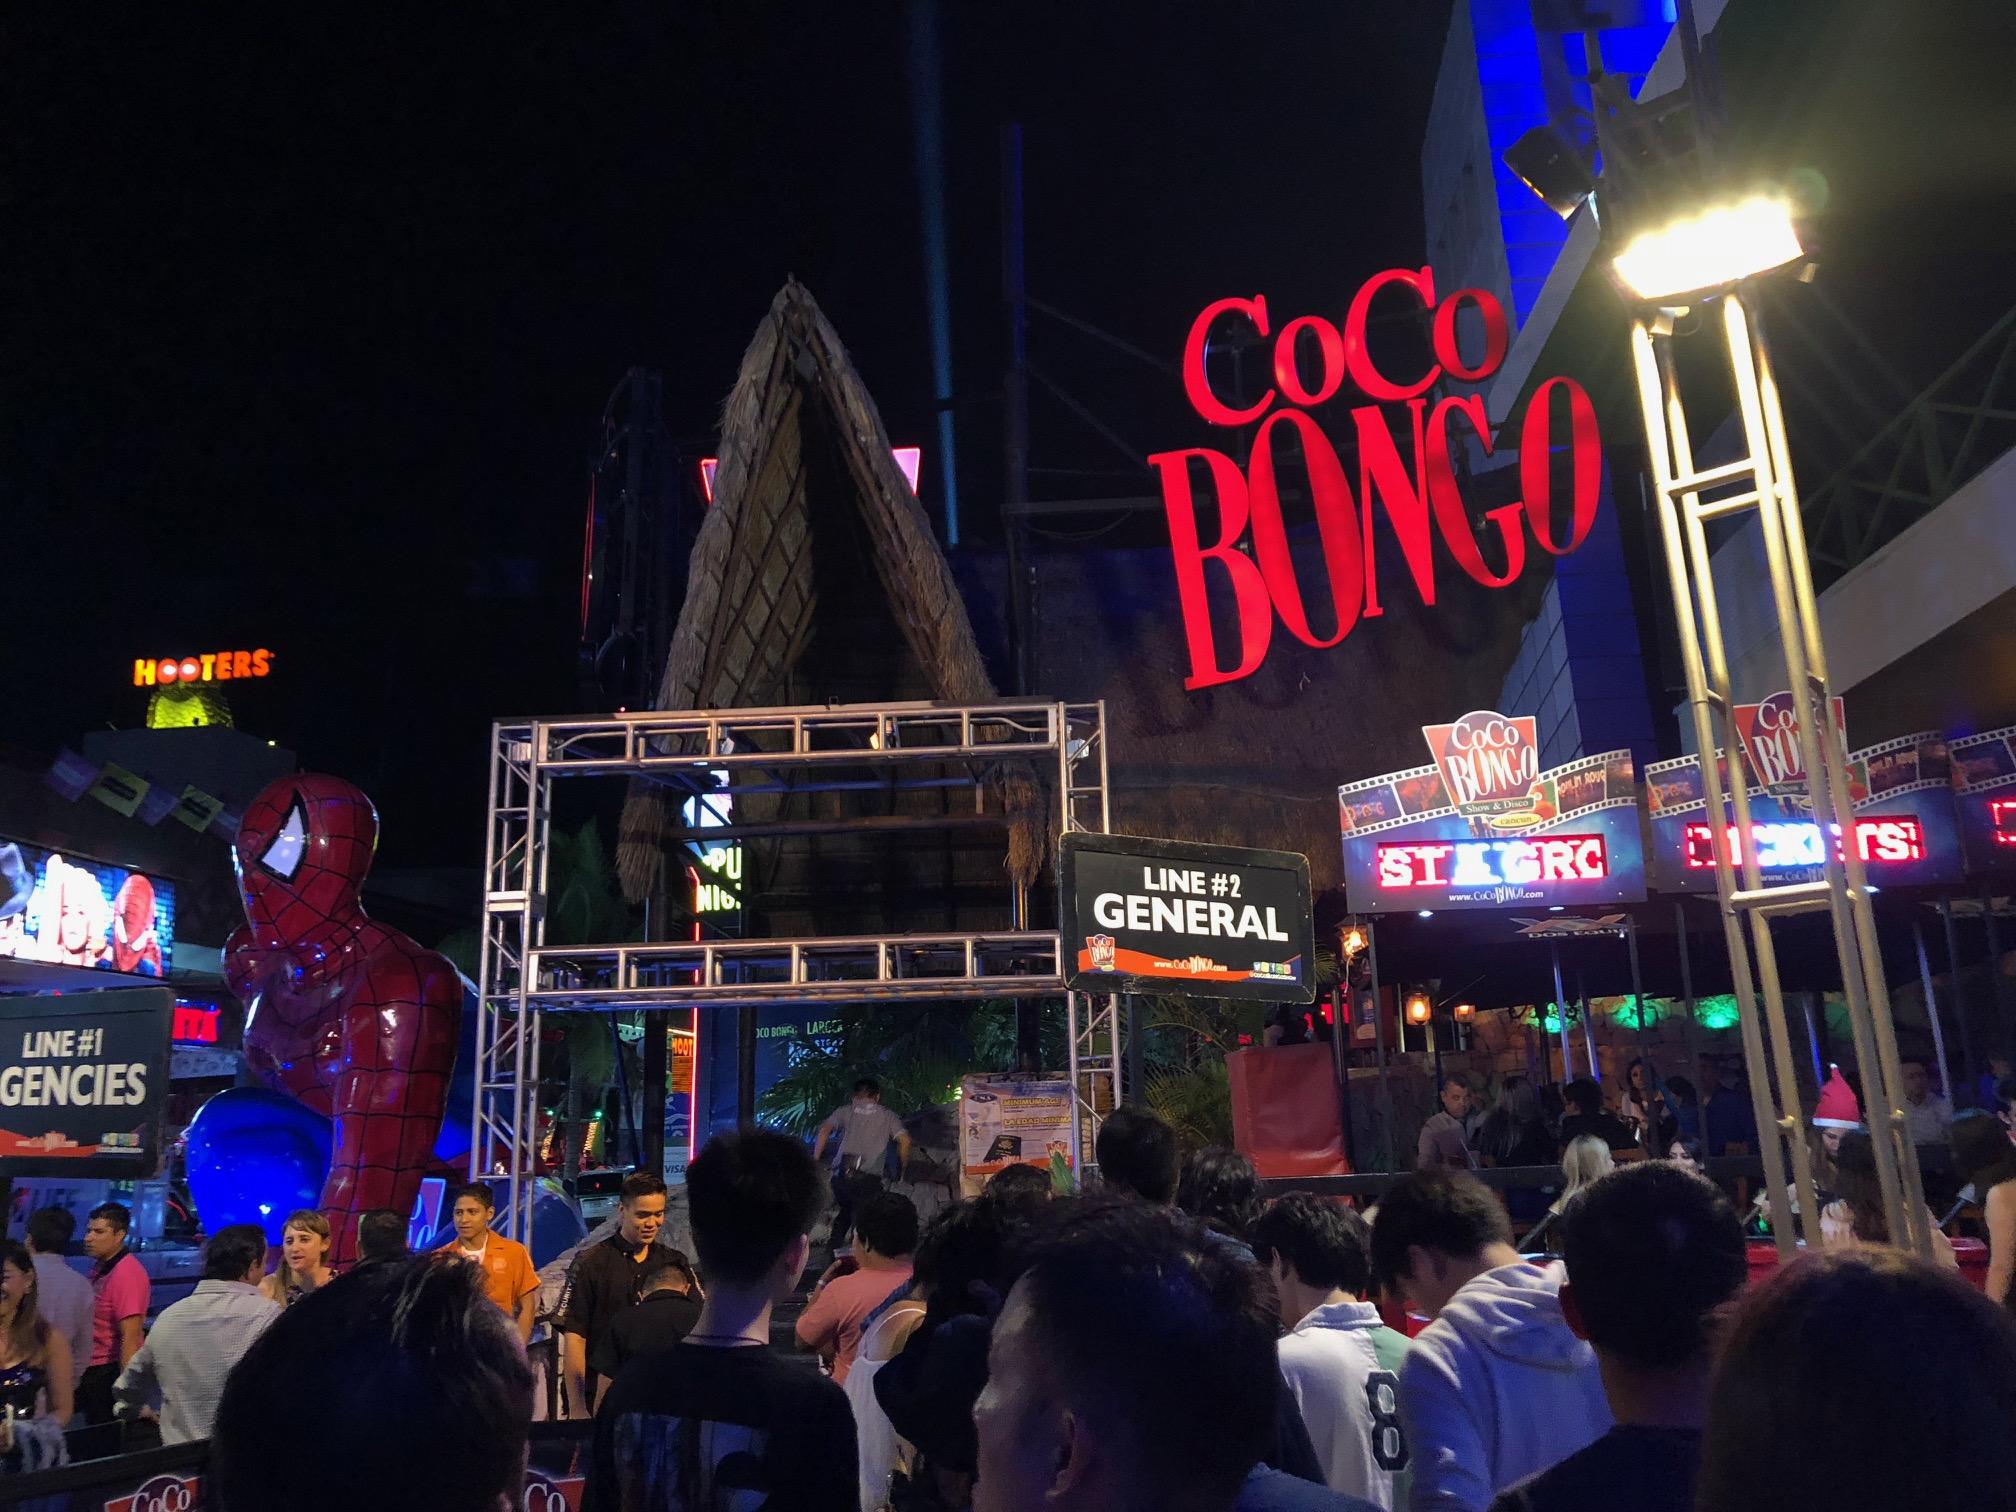 カンクン最大のナイトクラブCoco Bongo!